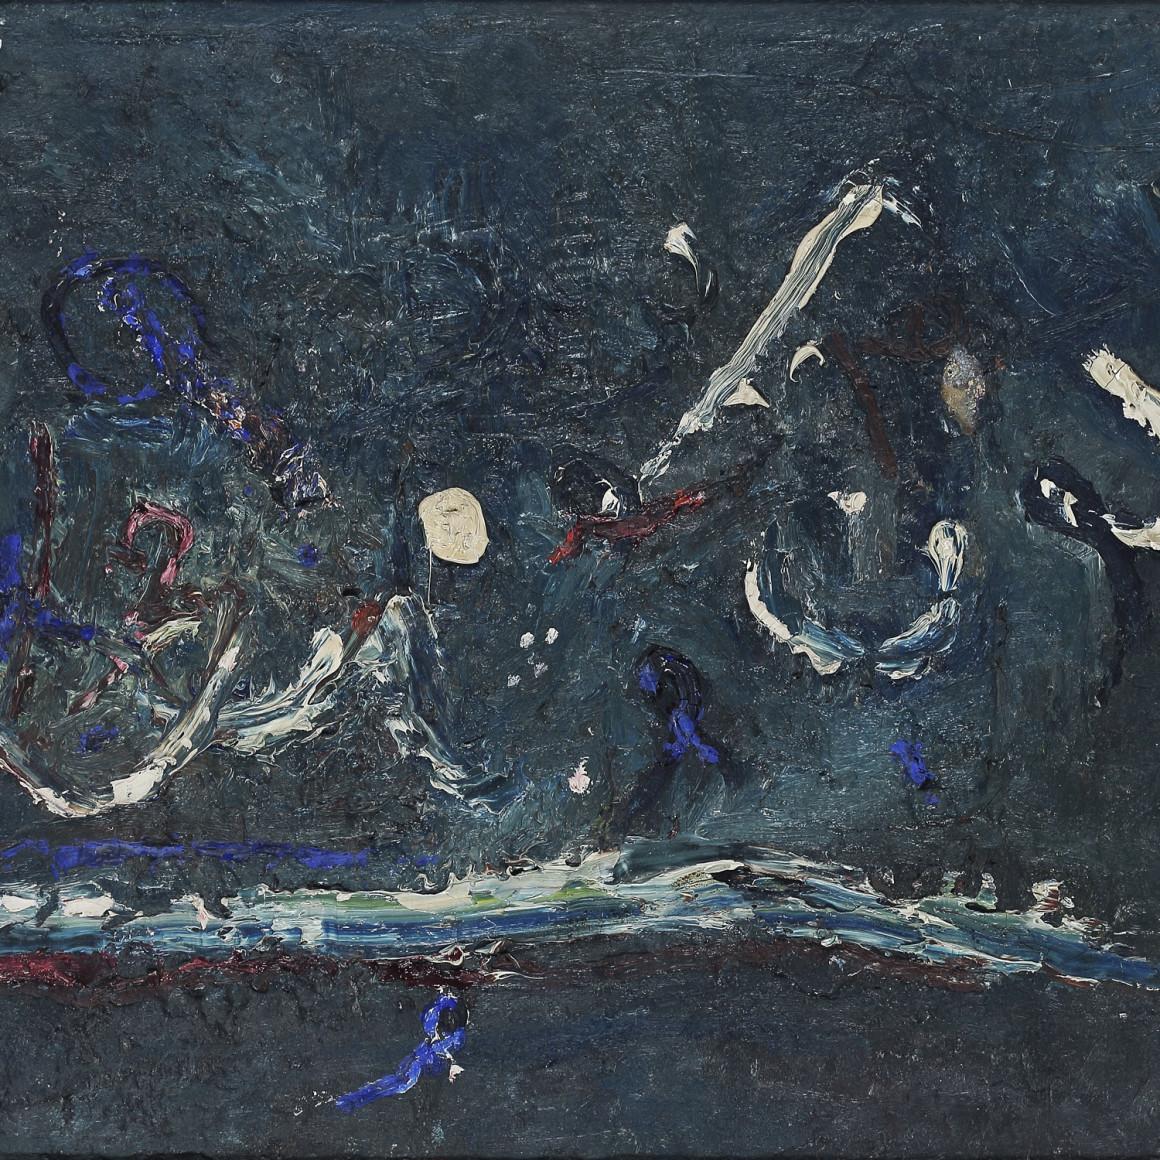 Shakir Hassan Al Said, Untitled, 1970